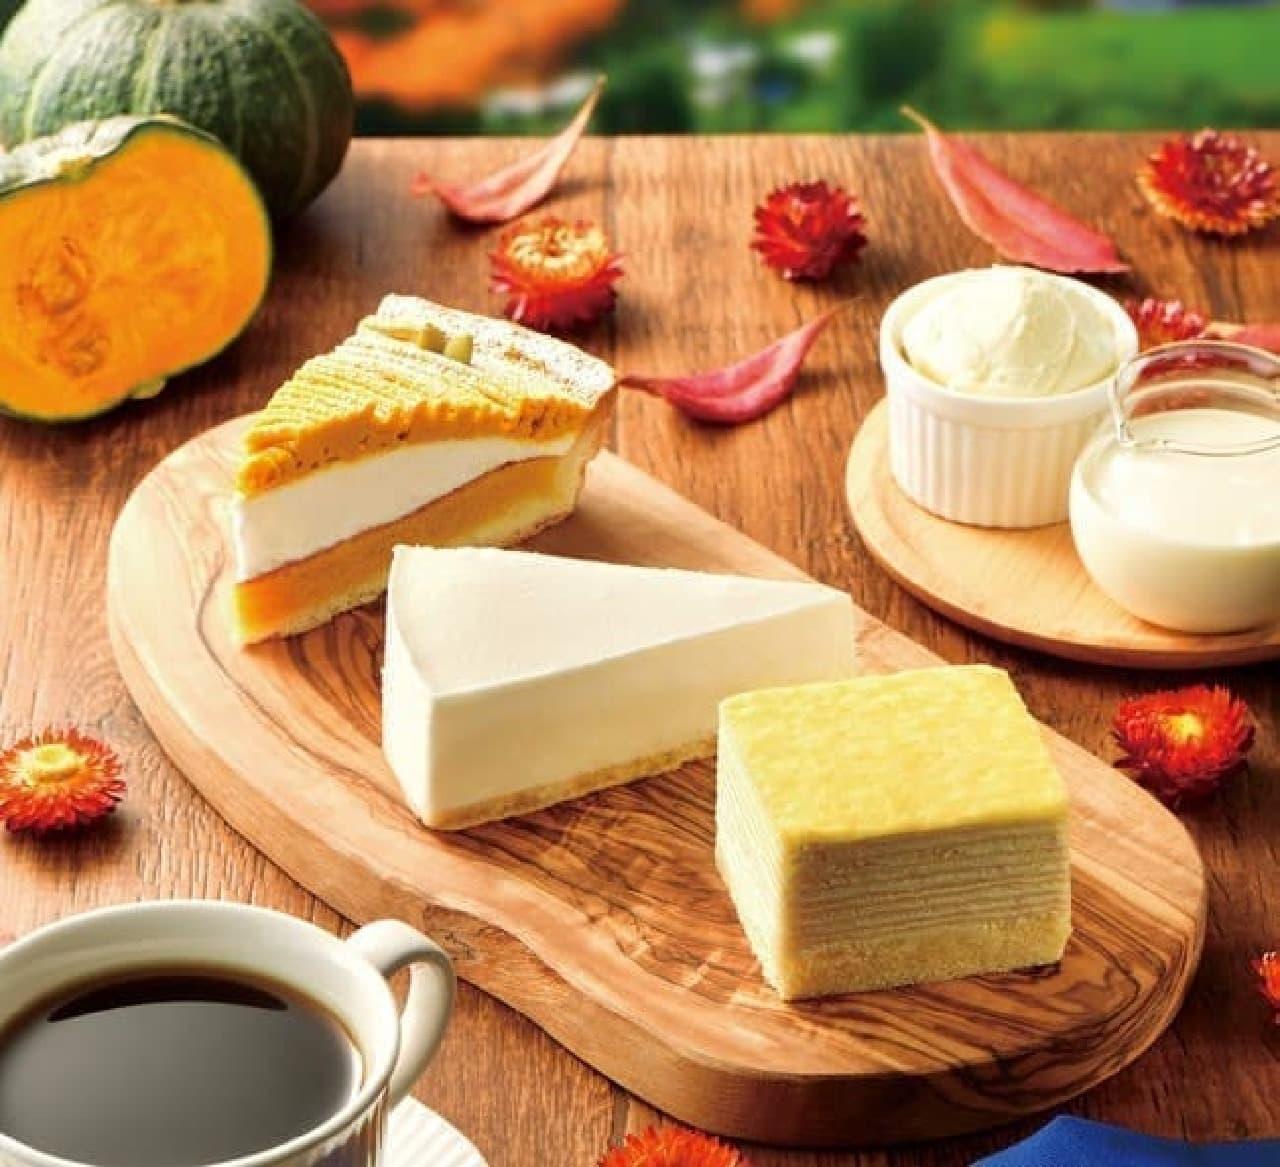 カフェ・ド・クリエ「北海道産クリームチーズケーキ」「もっちりミルクレープ~北海道産 生クリーム使用~」「かぼちゃのタルト」